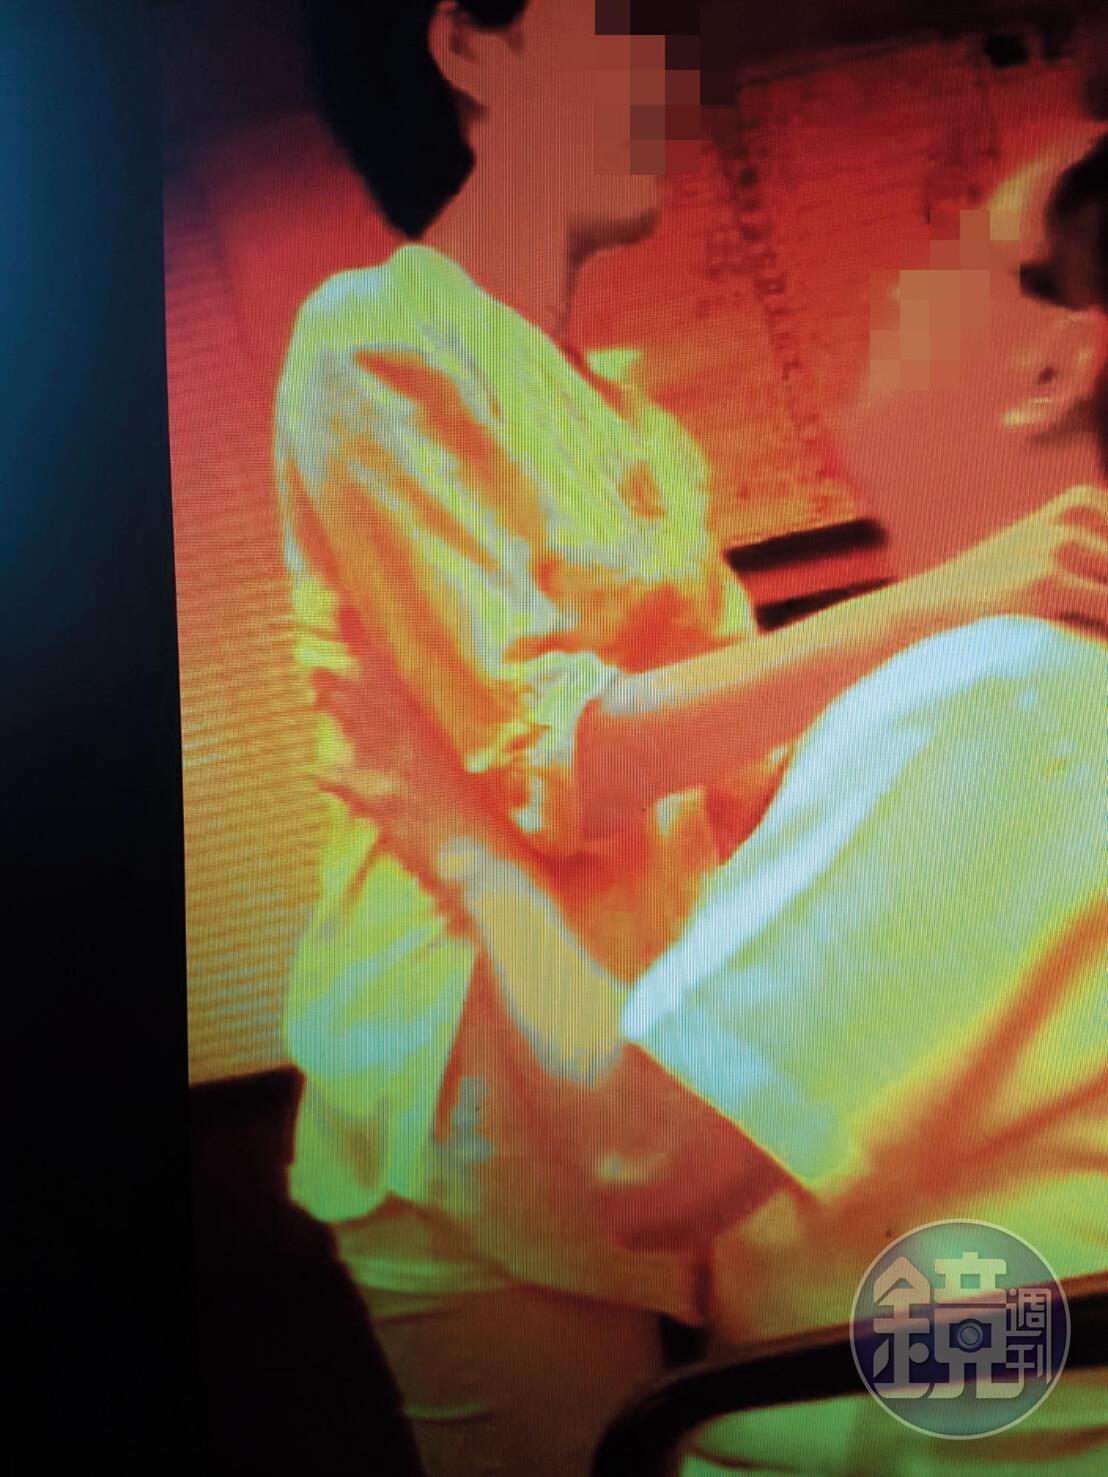 性愛影片曝光後,元配才知道原來何女也是她老公的情婦。(讀者提供)